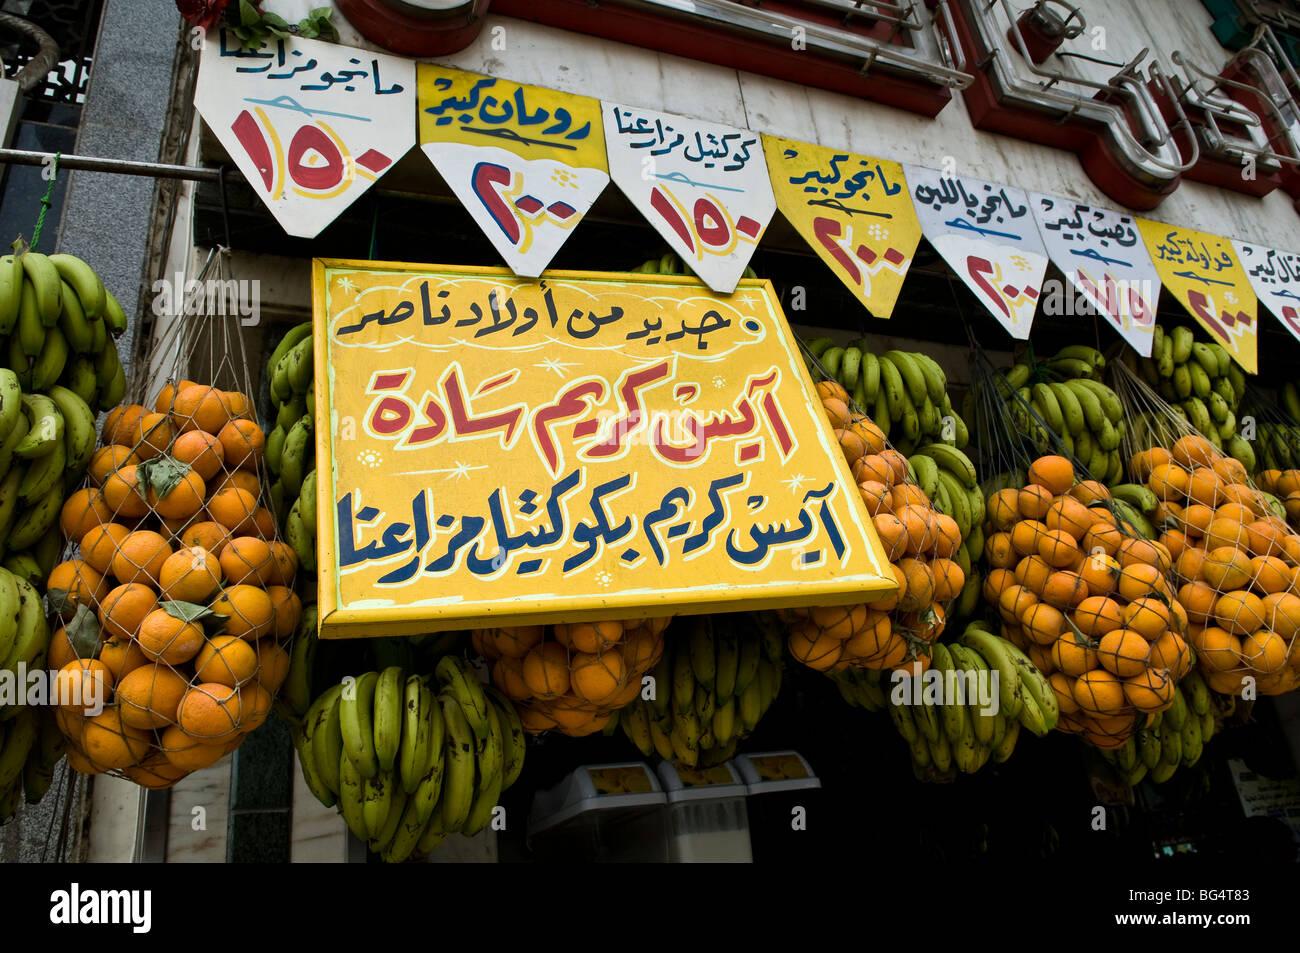 Fruit Juice Shop Photos   Fruit Juice Shop Images - Alamy 8cd3c55d1f98